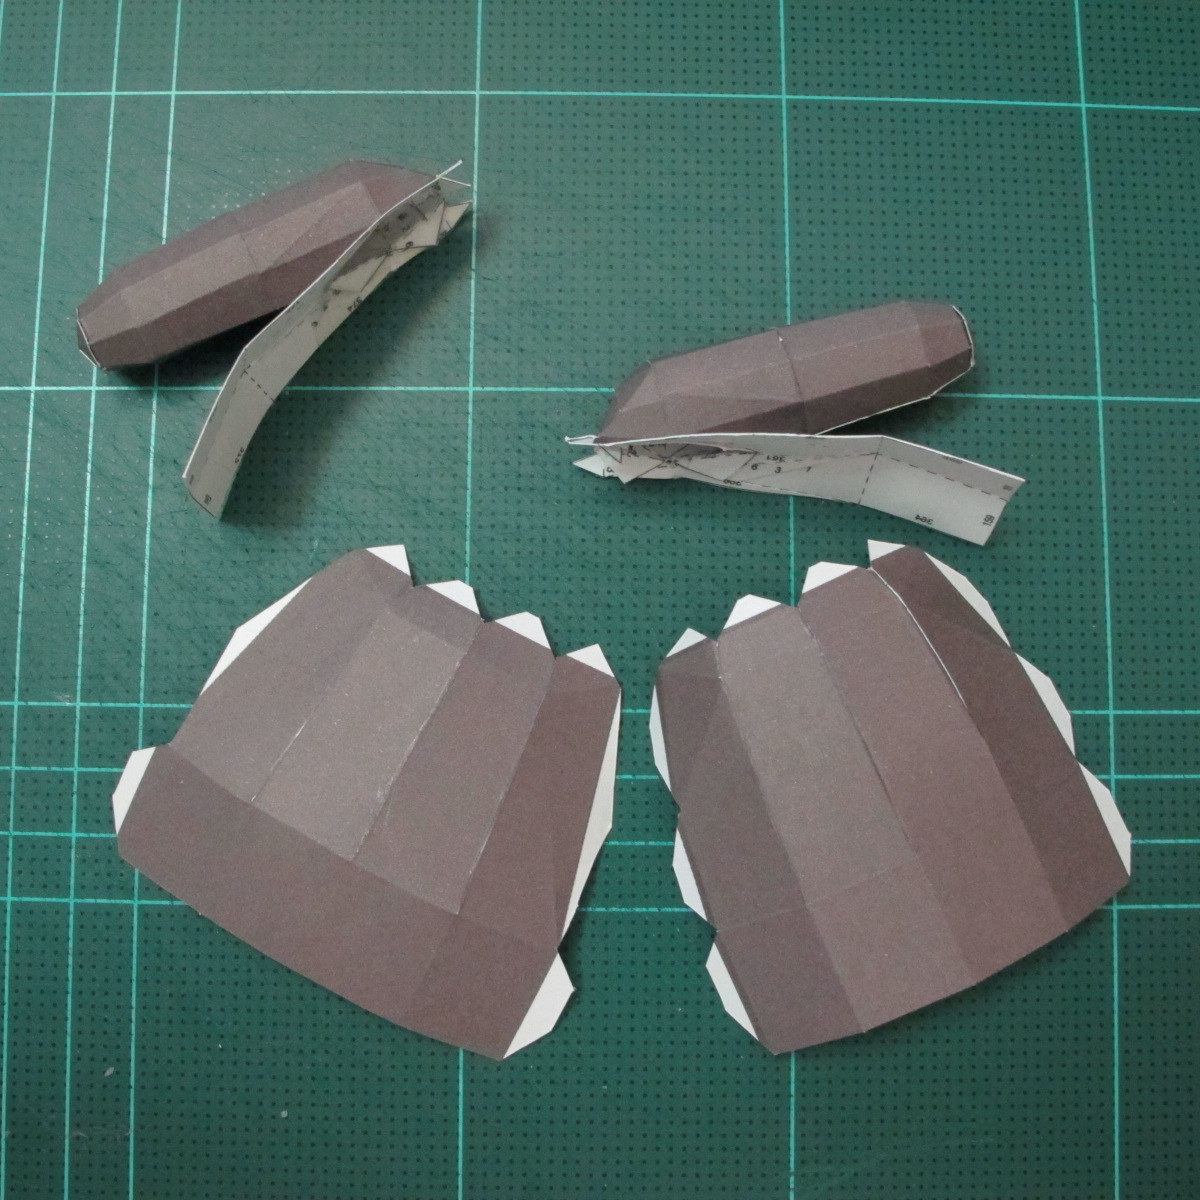 วิธีทำโมเดลกระดาษหมีบราวน์ชุดบอลโลก 2014 ทีมบราซิล (LINE Brown Bear in FIFA World Cup 2014 Brazil Jerseys Papercraft Model) 022